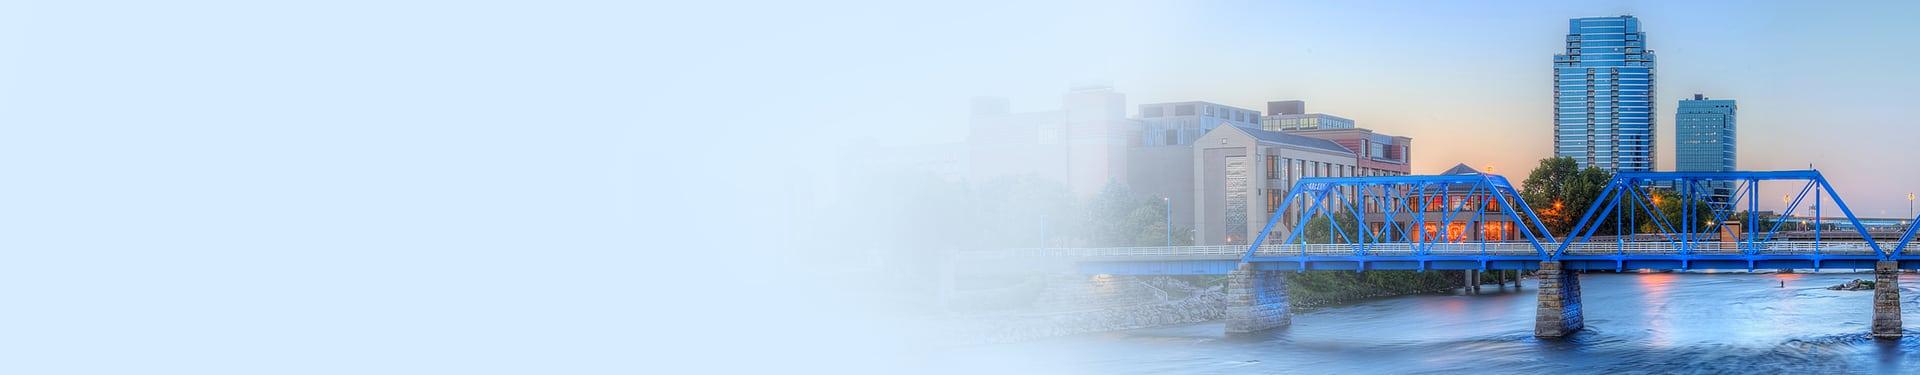 The Blue Bridge over the Grand River in Grand Rapids